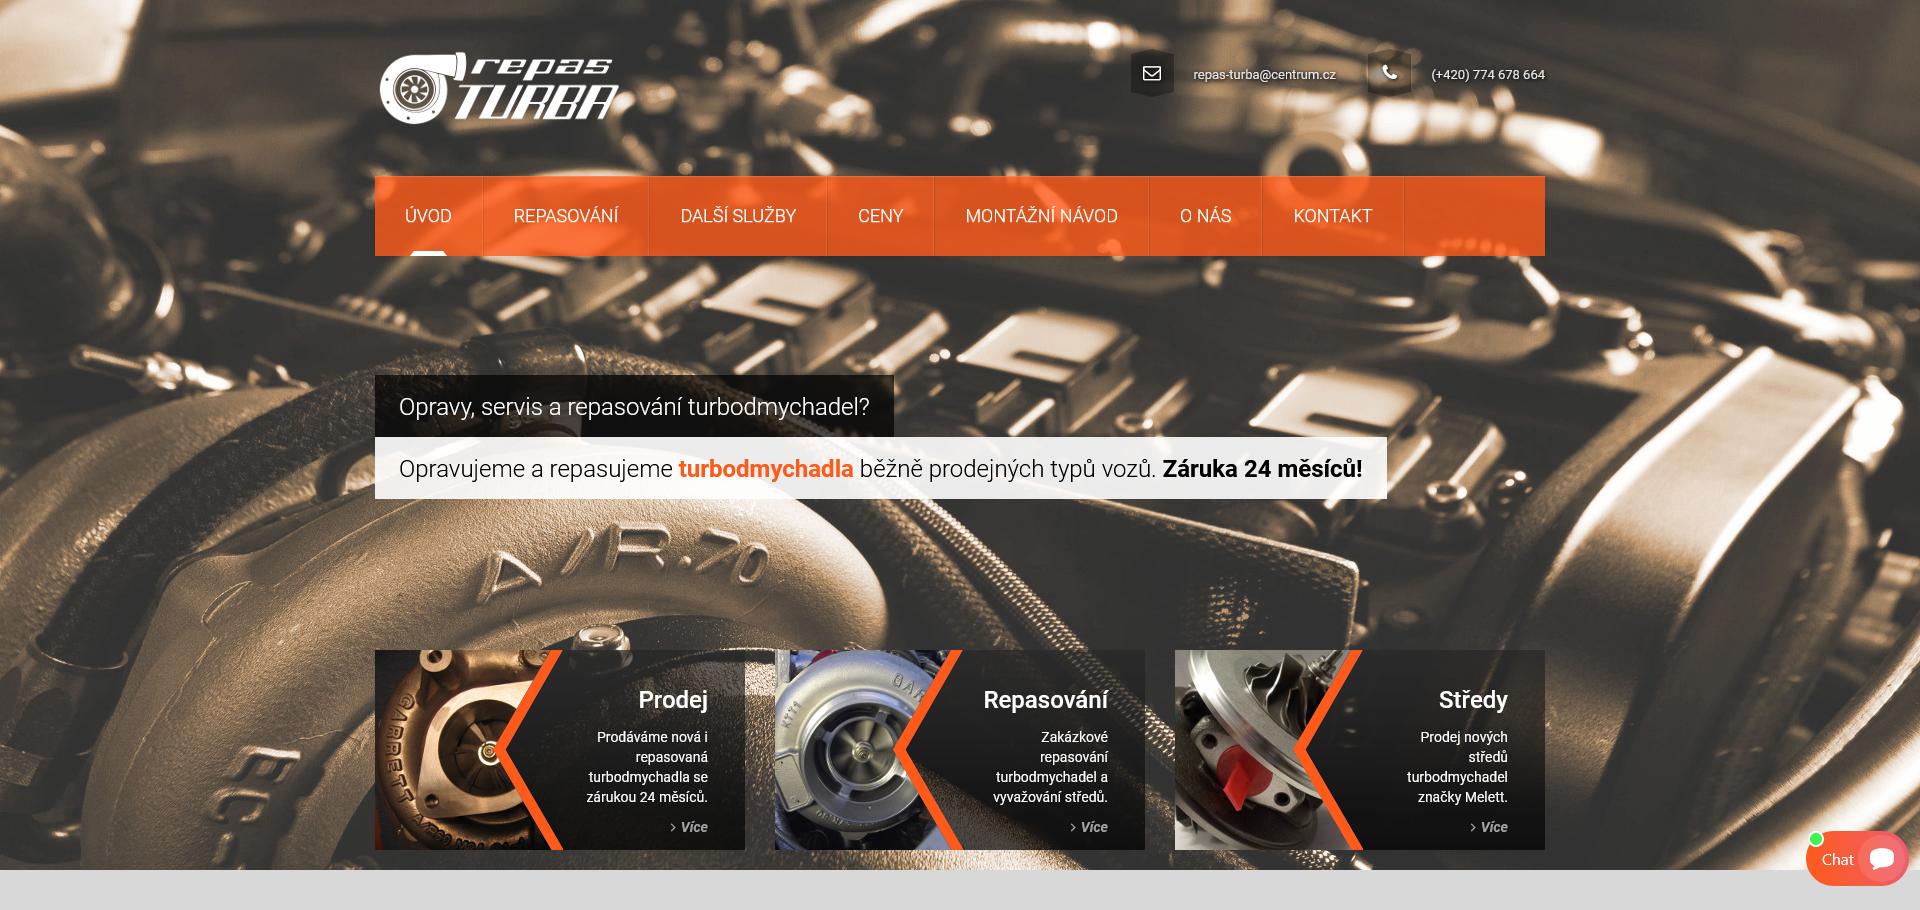 Tvorba webových stránek, e-shopů a systémů na míru - foto 1